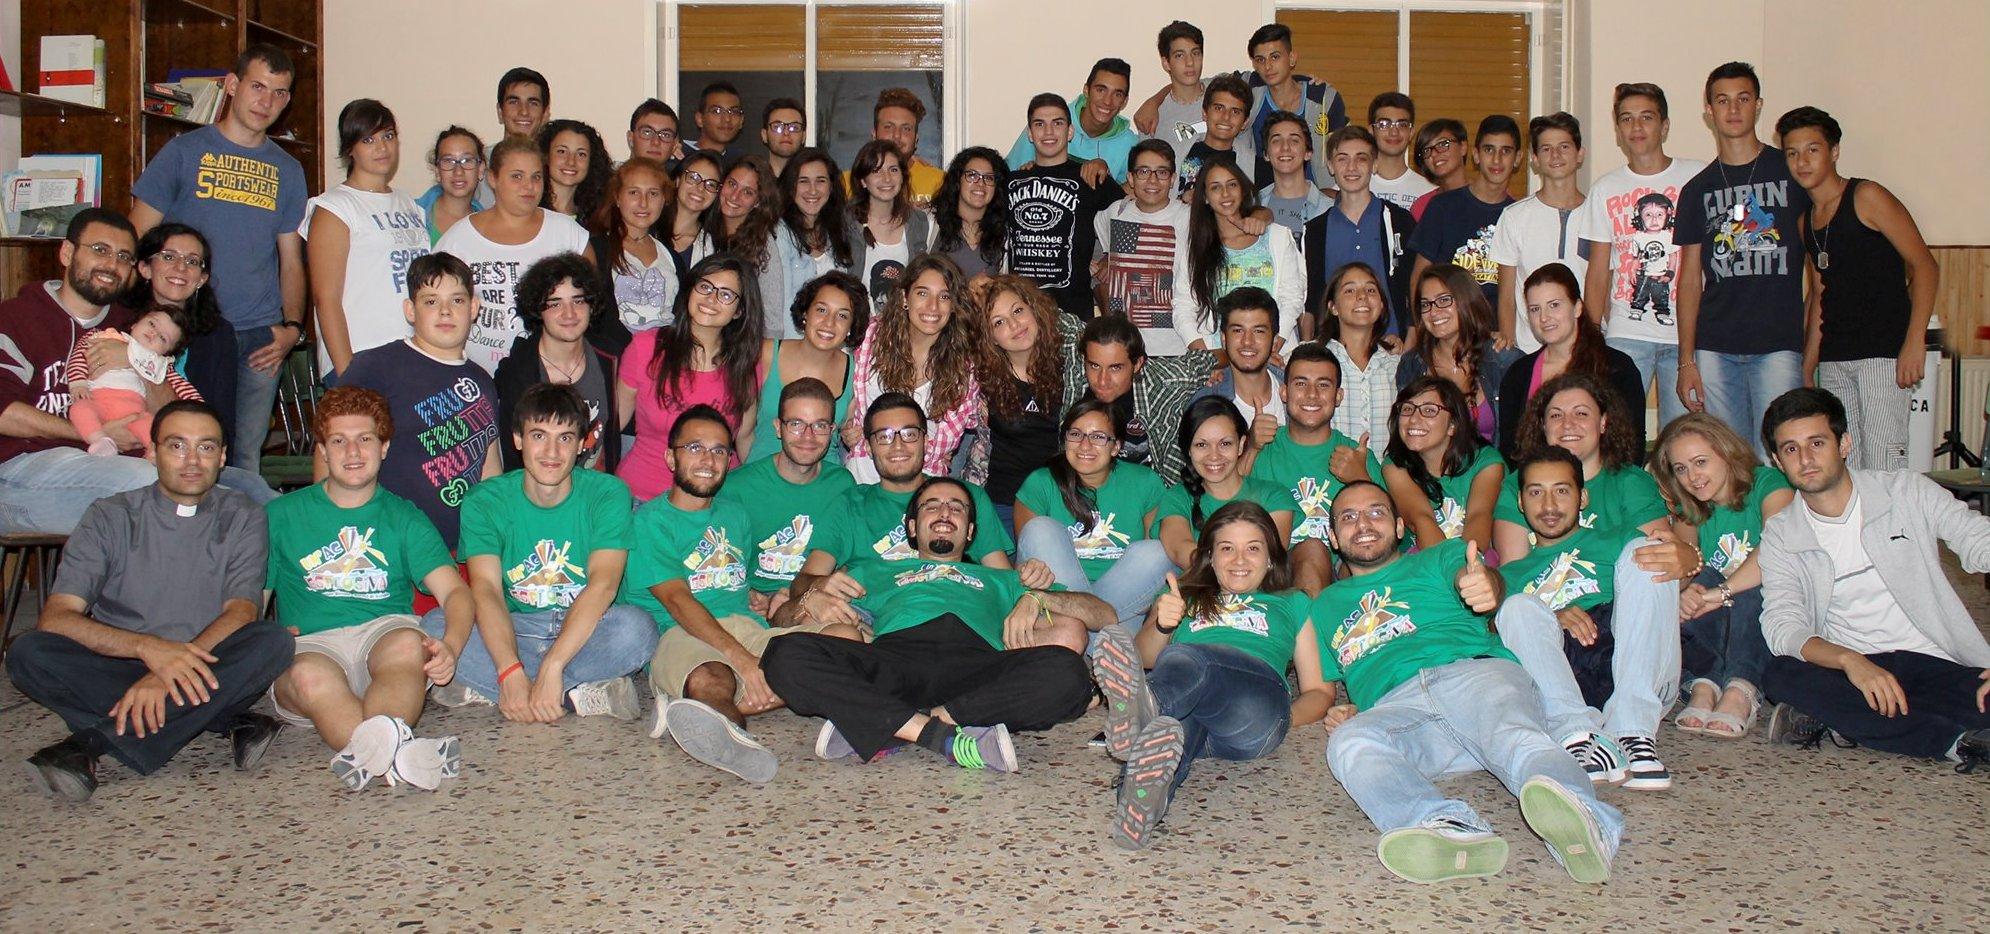 Campo diocesano giovanissimi 2014: le emozioni di chi l'ha vissuto!